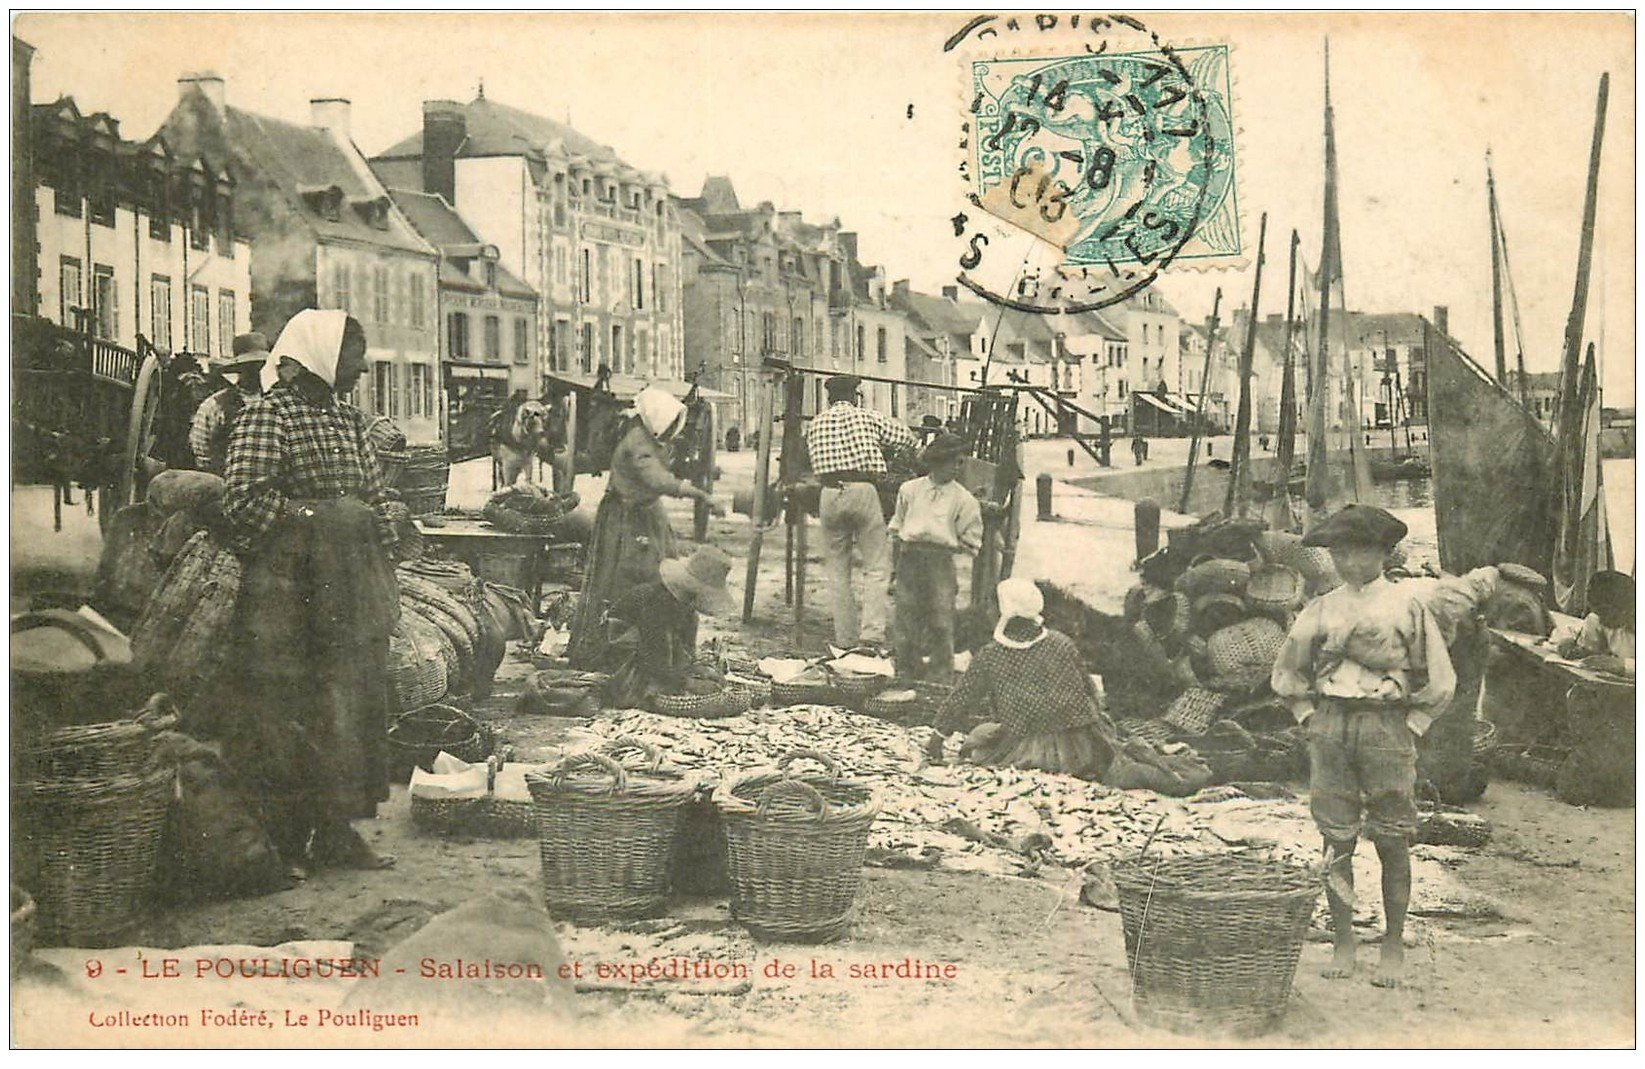 44 LE POULIGUEN. Salaison et expédition de la Sardine 1903